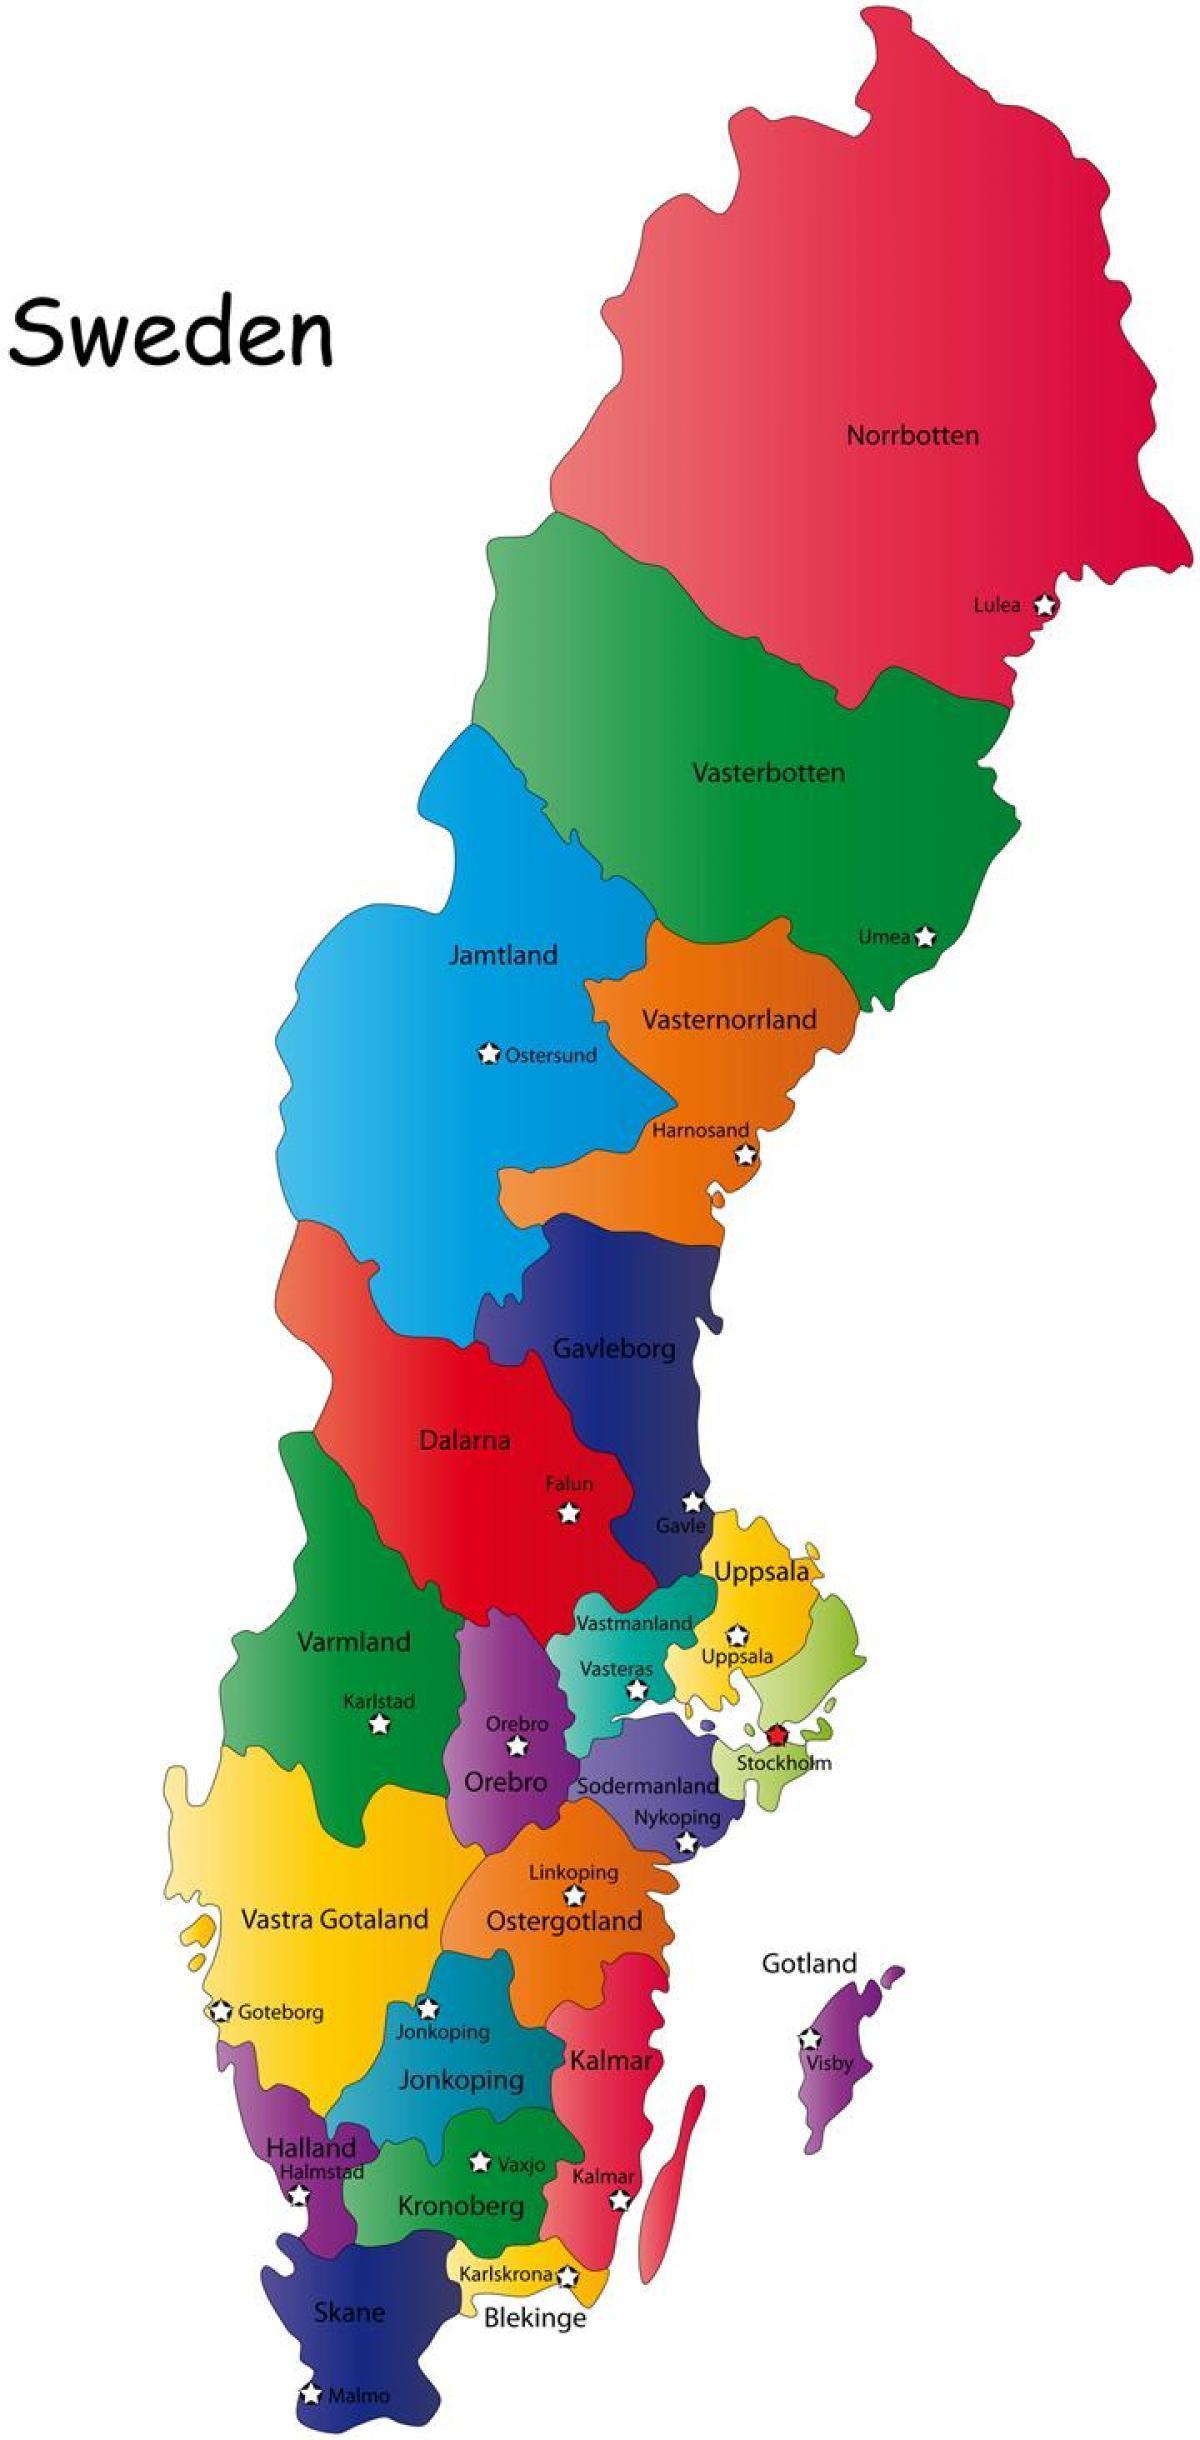 svensk karta län Sverige karta län   Karta av svenska län (Norra Europa   Europa) svensk karta län